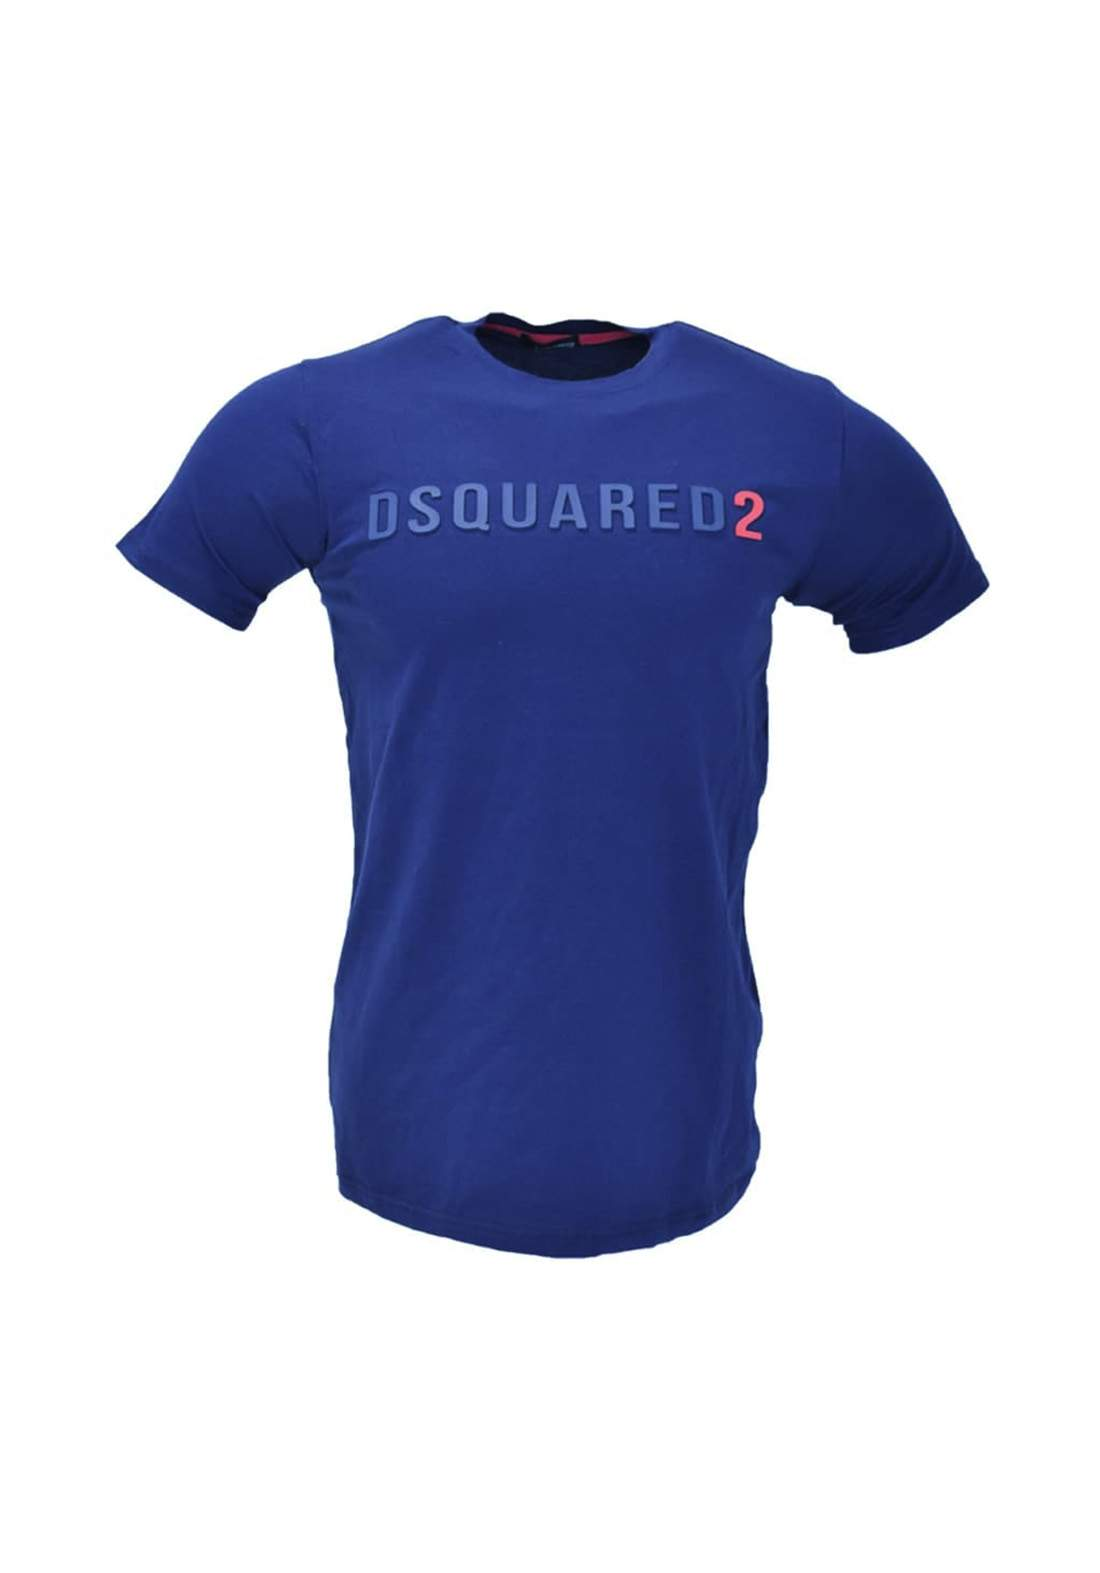 تيشيرت رجالي رياضي بنصف كم ازرق اللون من dsquared6